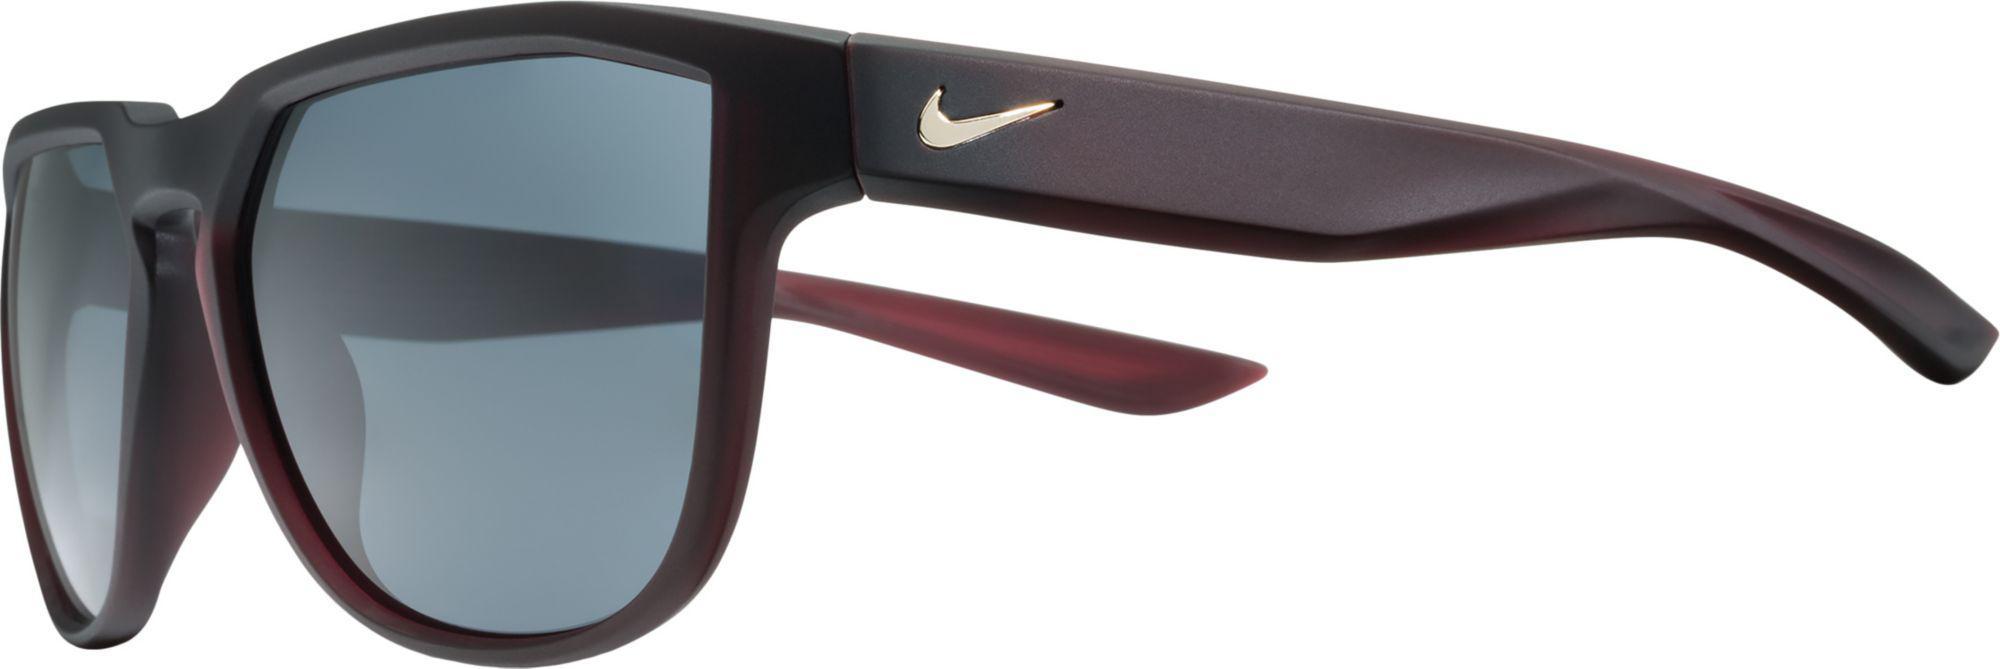 f513ba8de27 Lyst - Nike Fly Swift Sunglasses for Men